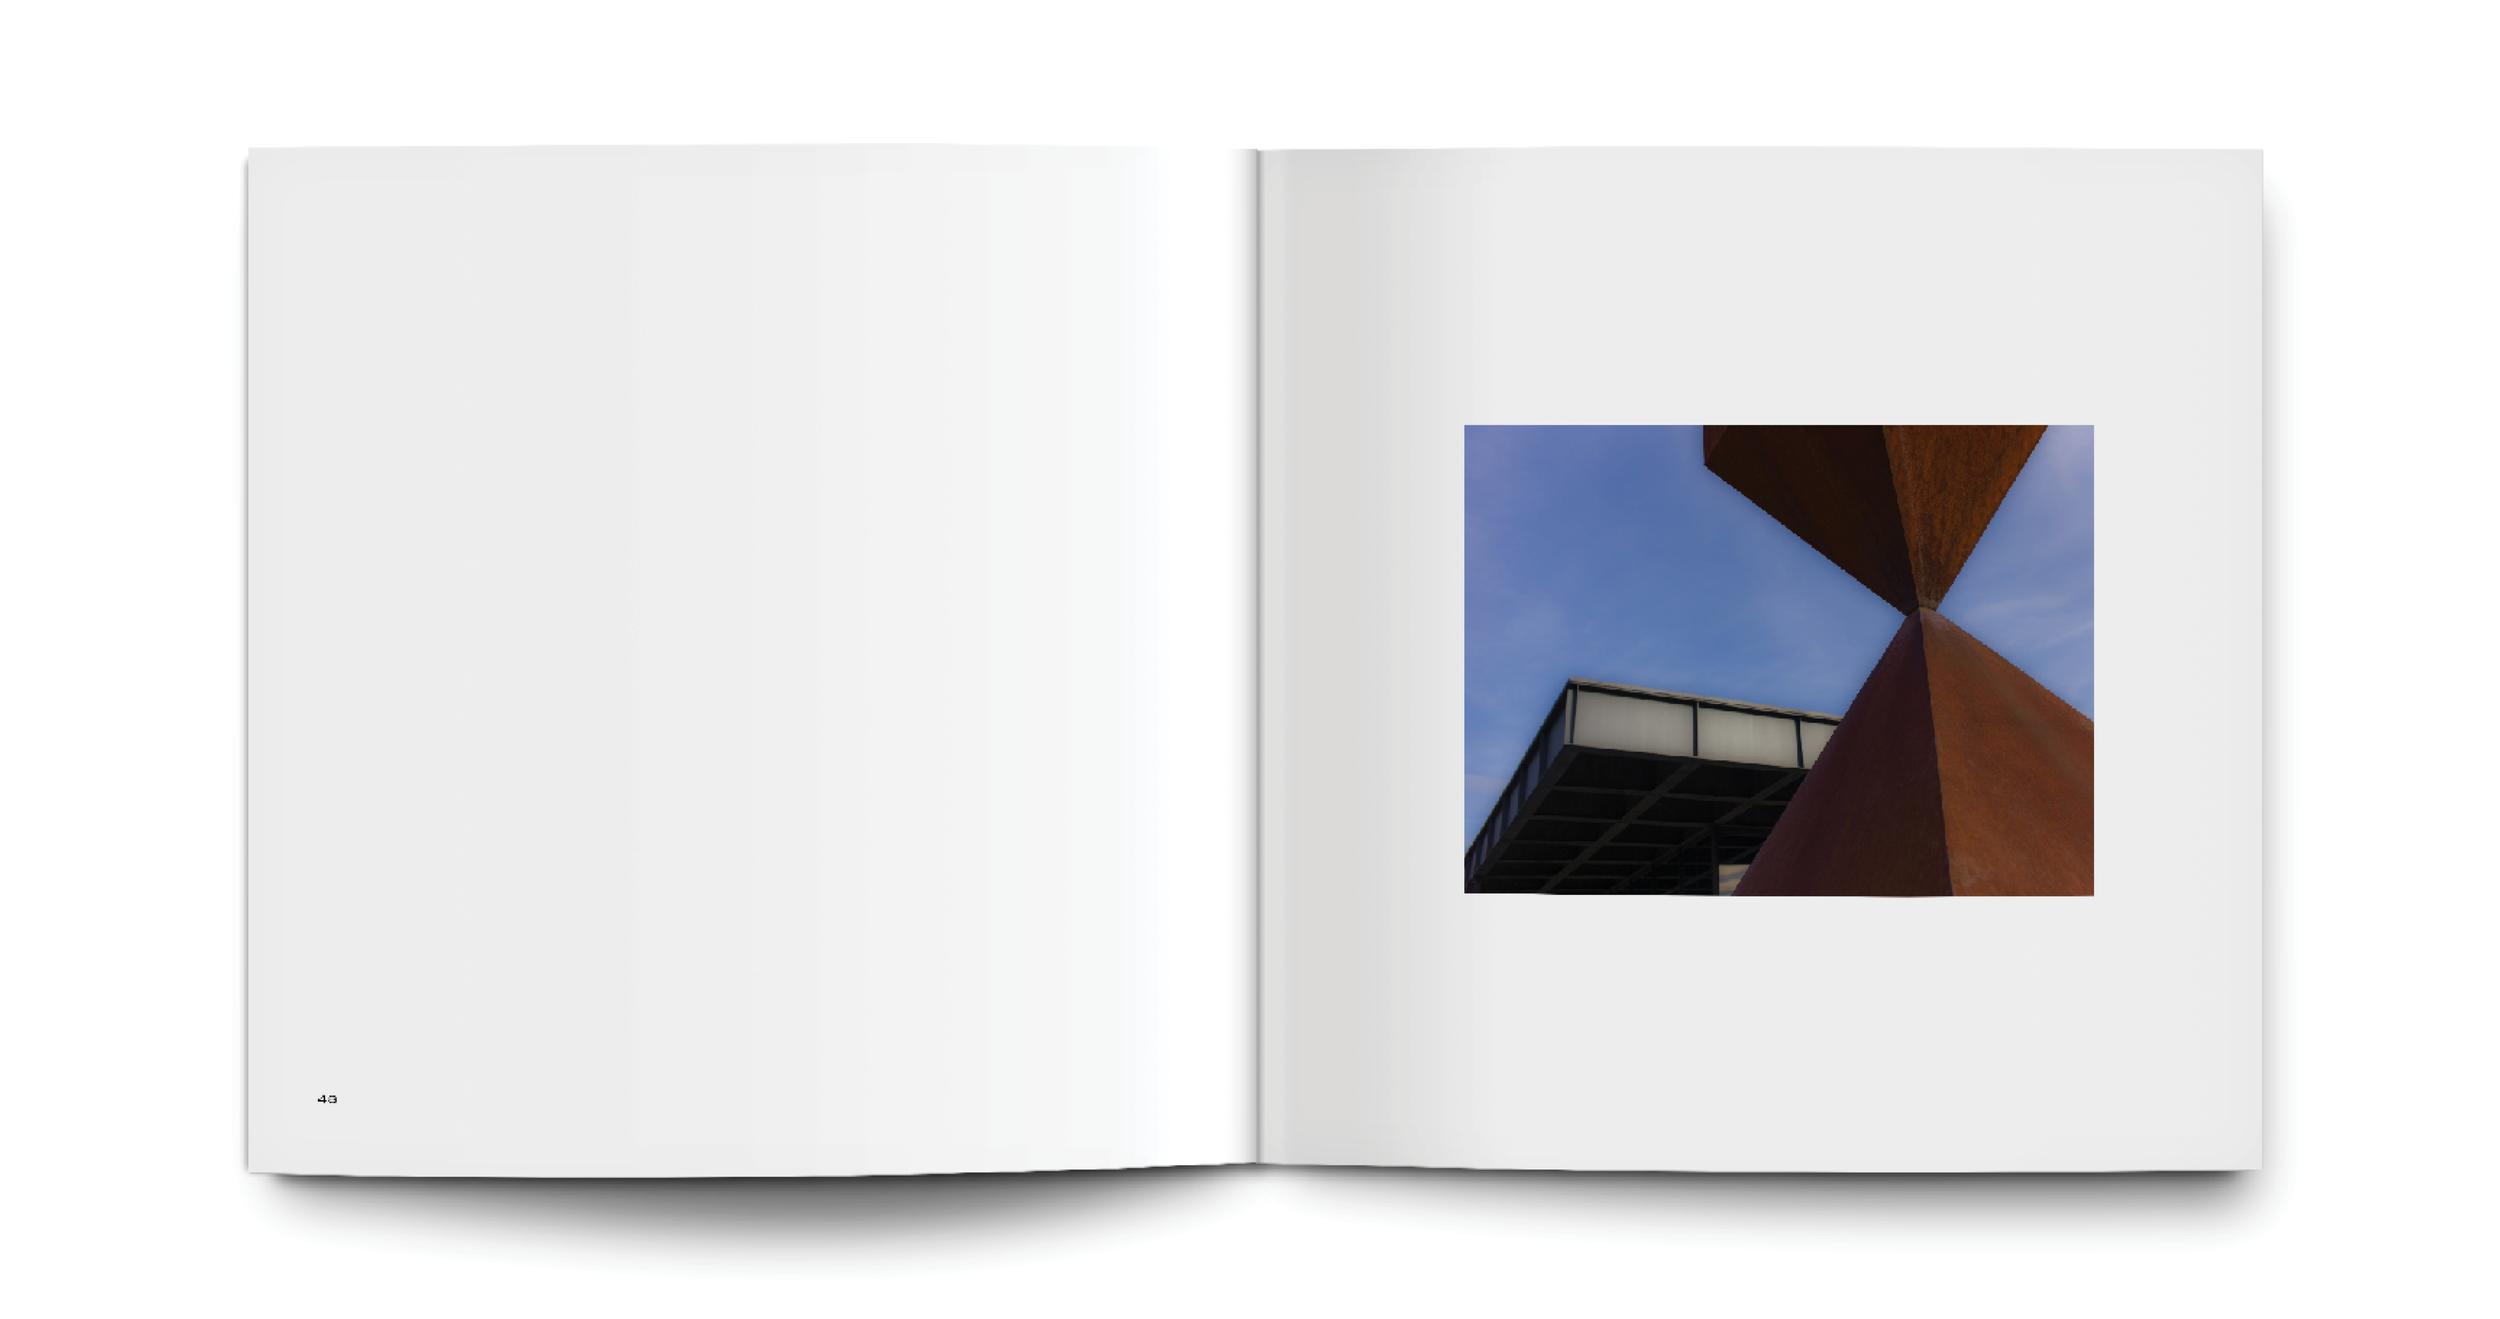 LS Book 3 [Images]13.png